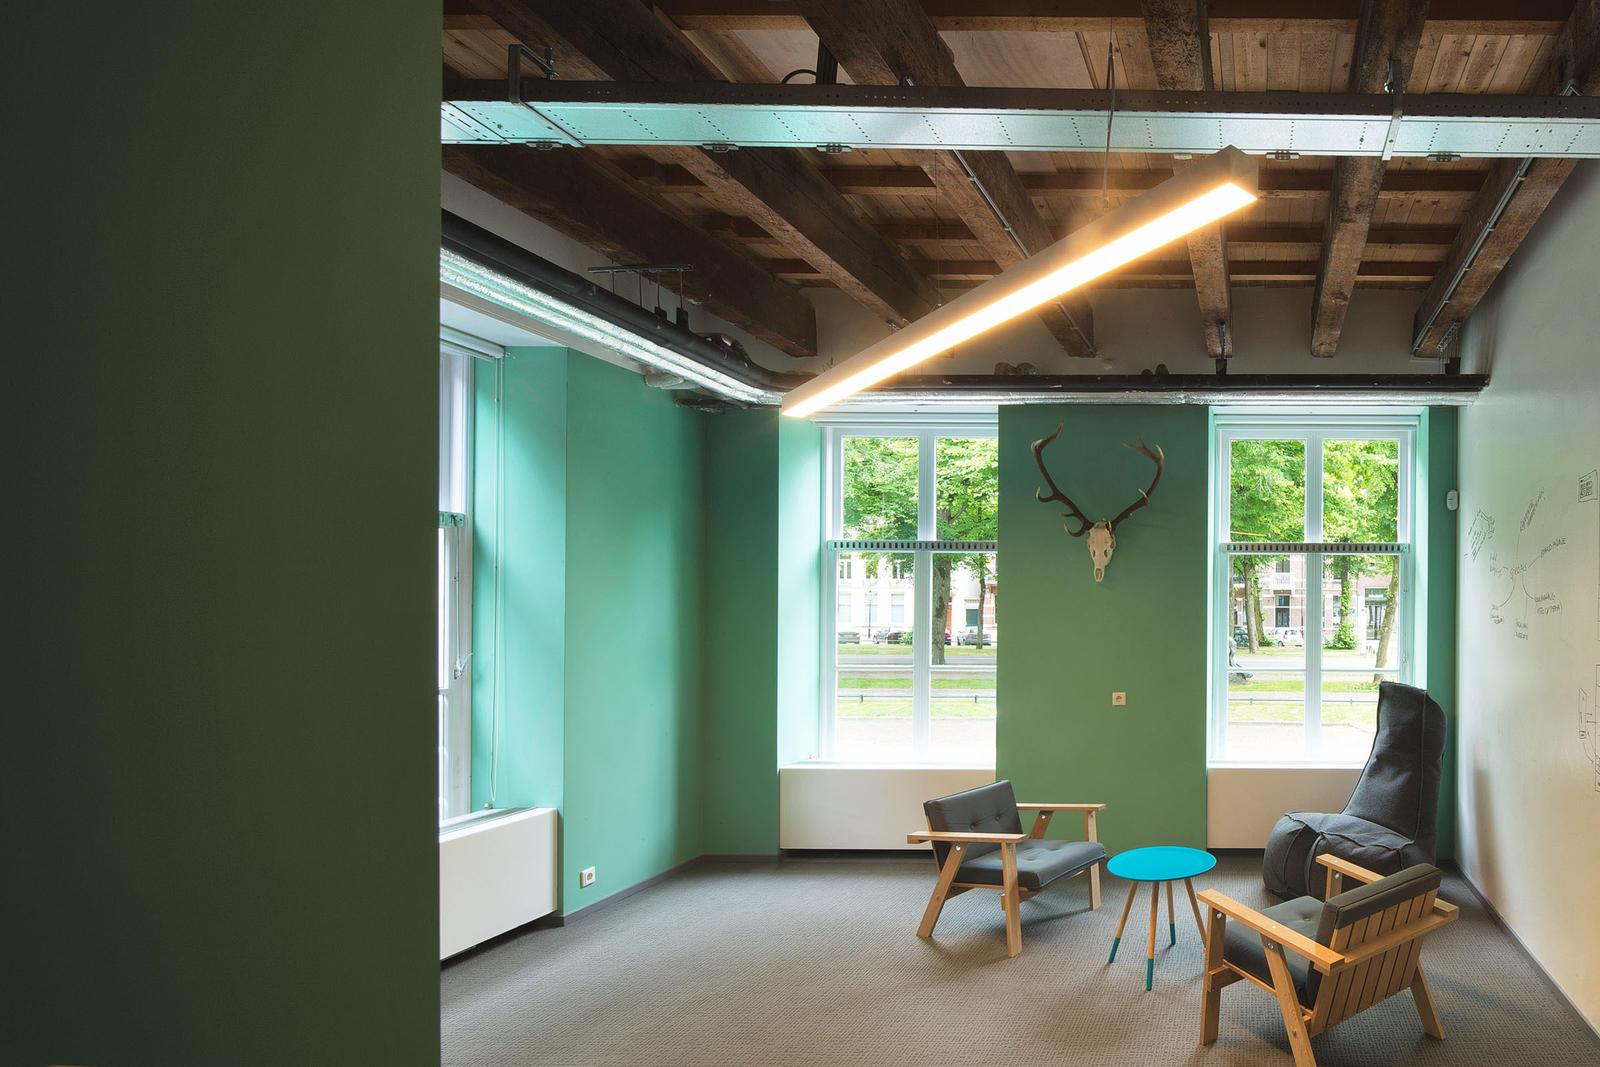 Maliehuis, Utrecht 2014